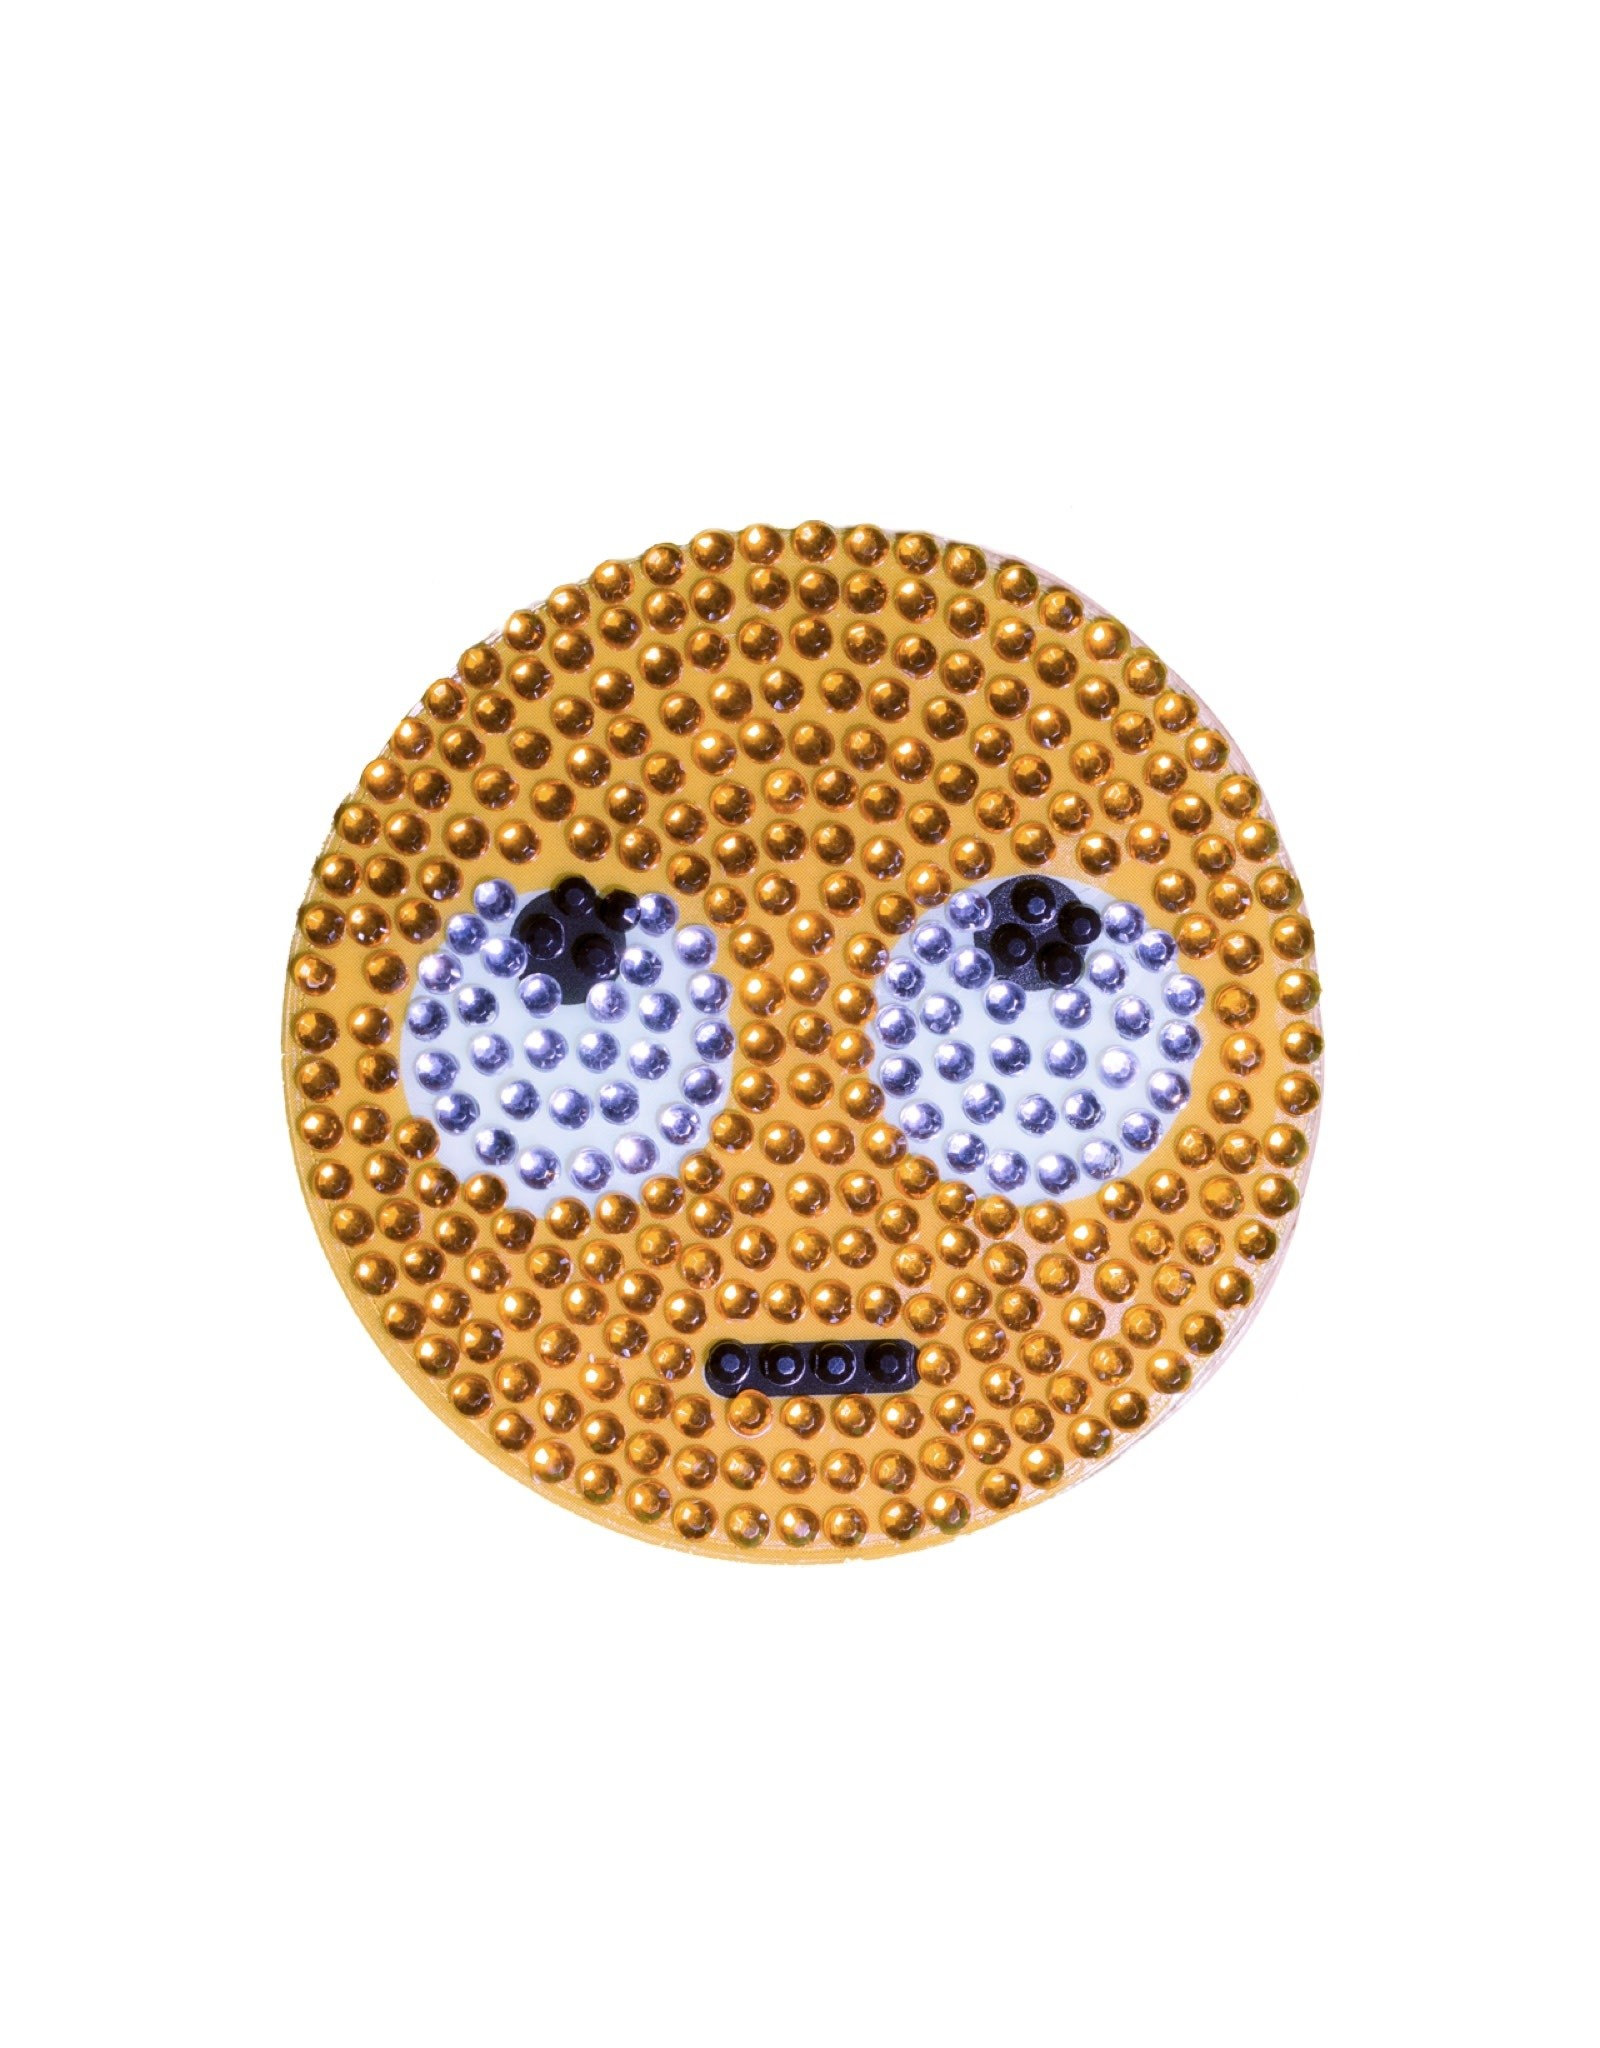 Sticker Beans Eyes Up Emoji